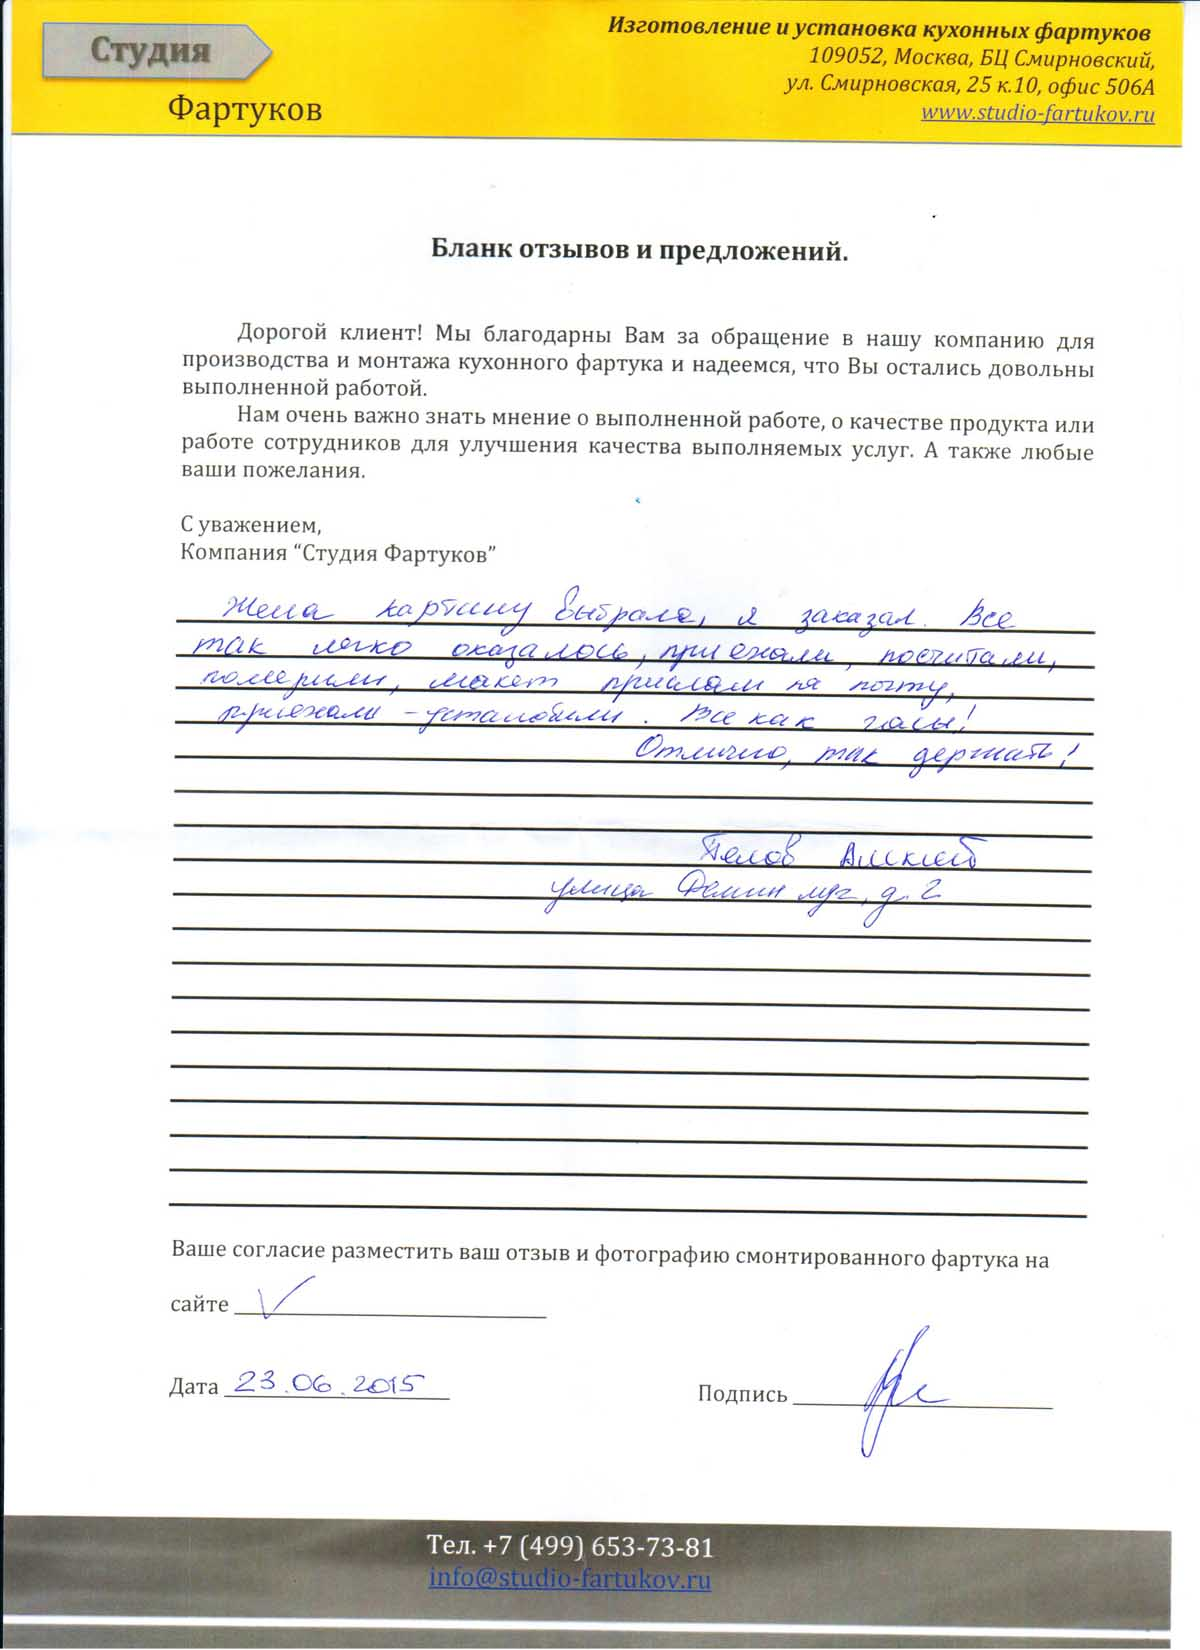 Отзыв Пелова Алексея от 23 июня 2015 г. по Договору №315/2015